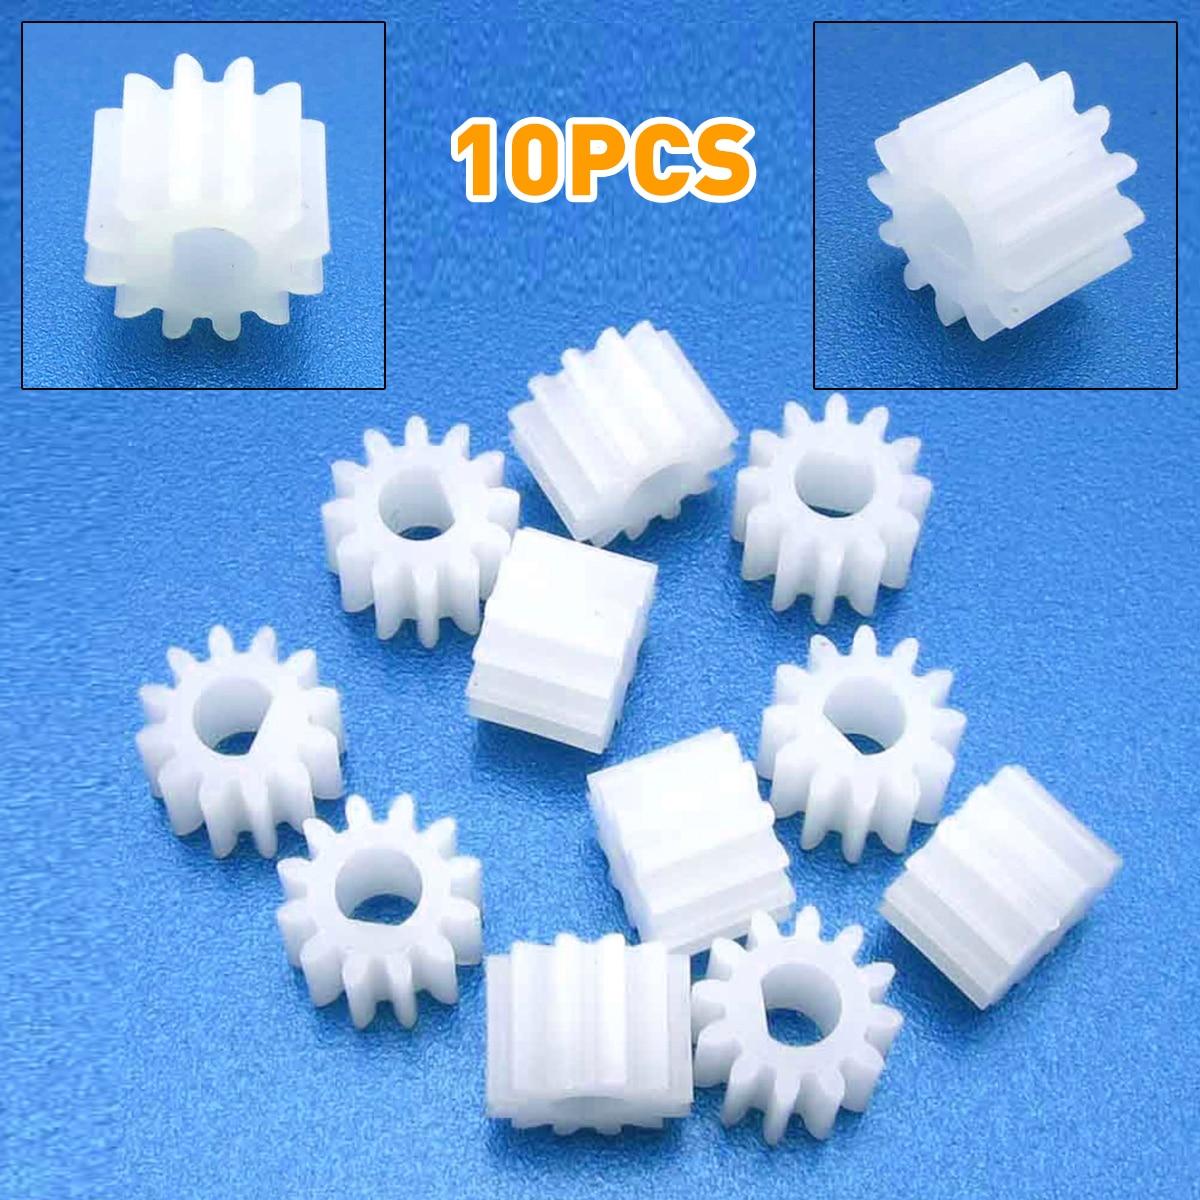 10 Stücke Neue 1012df 12 Zähne Kunststoff Getriebe D Form Loch 3mm 12 T M0.5 Getriebe Für N20 D -achse Motor Diy